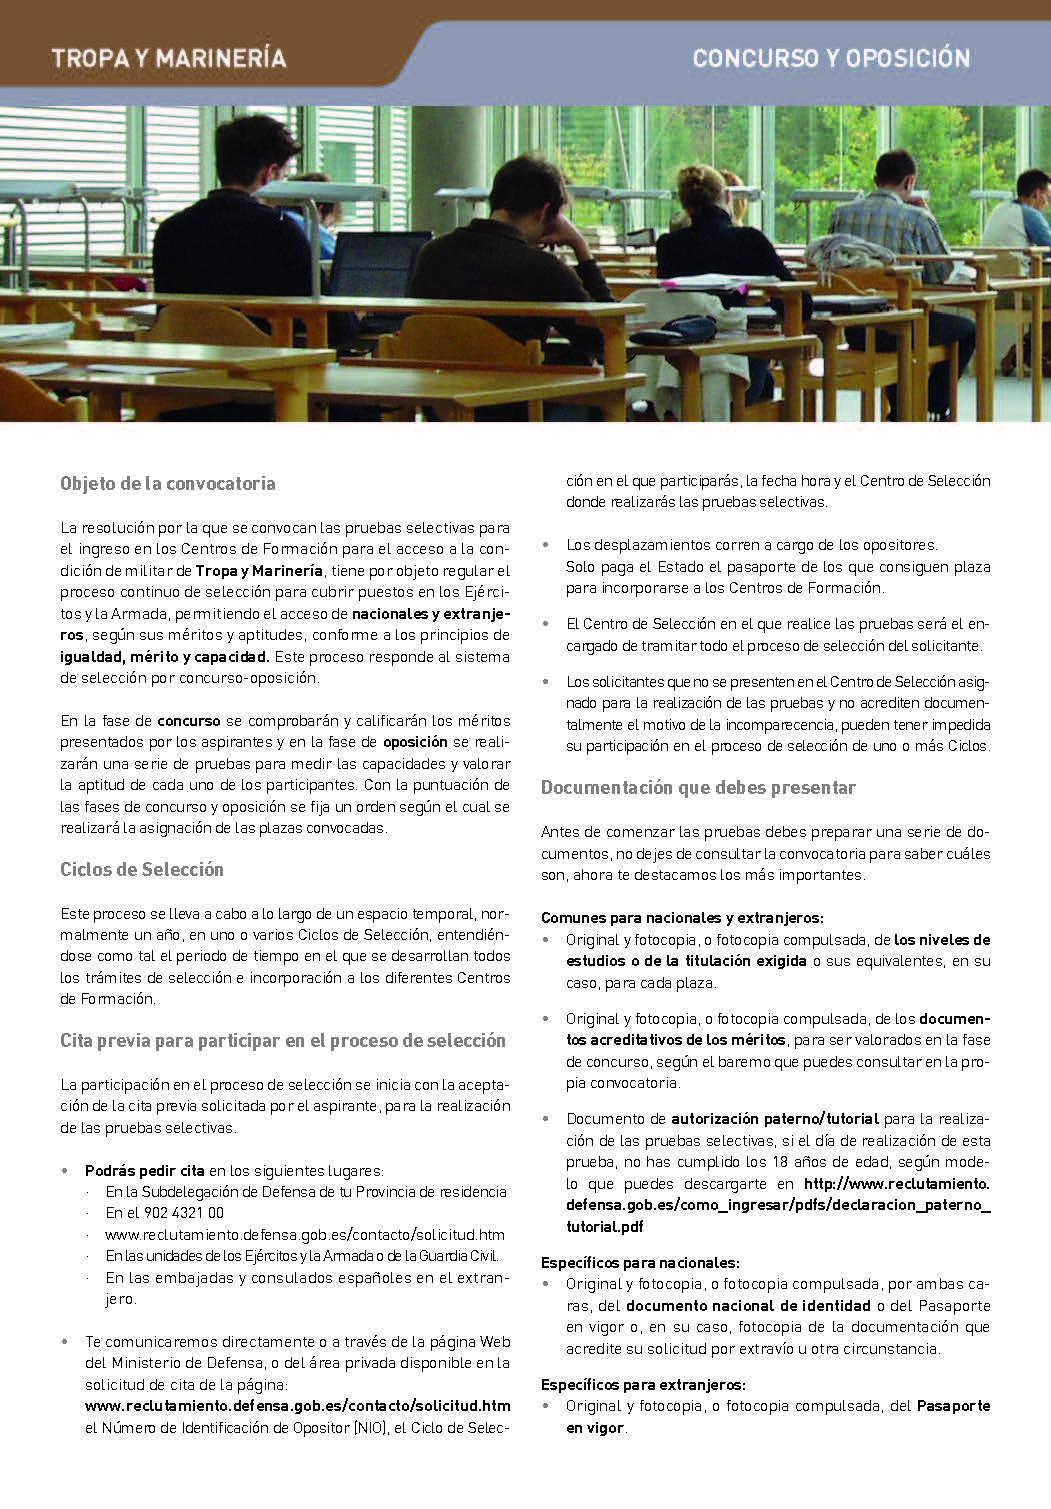 tropaconcurso_Página_1